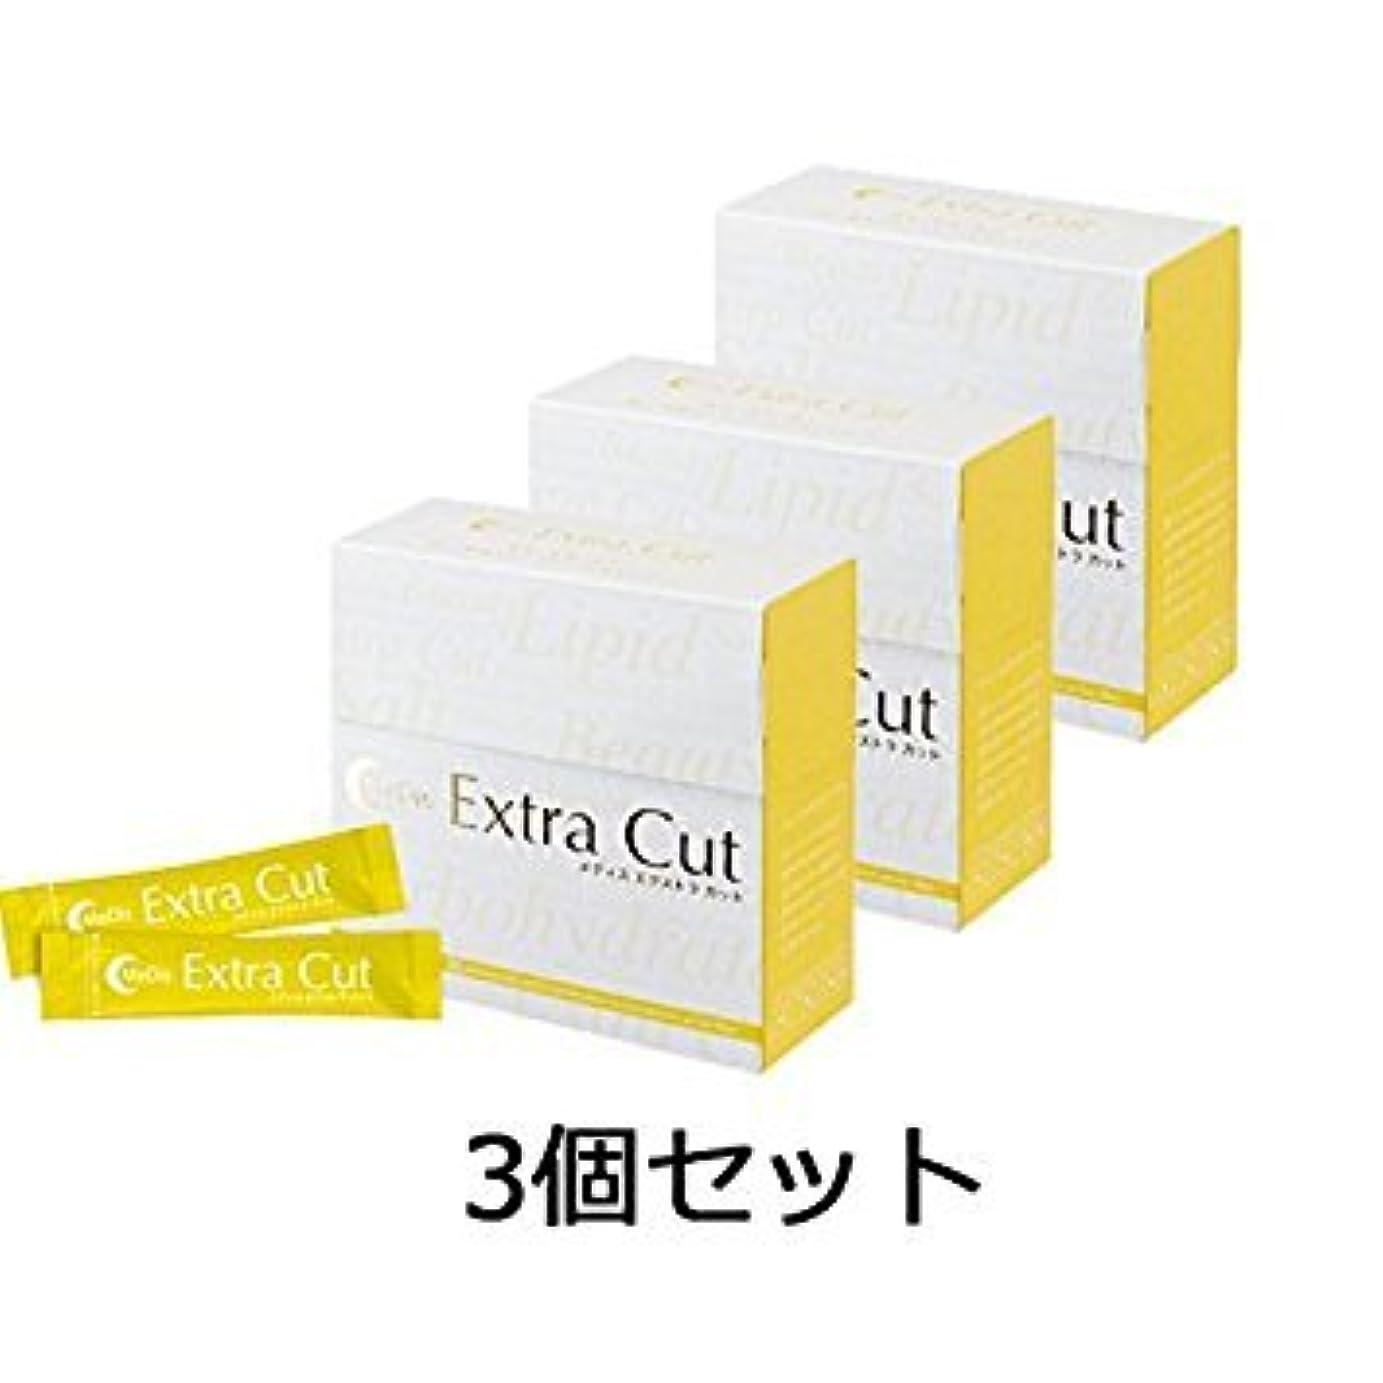 ディプロマ厚さカエルメディス エクストラカット 90g (3g×30包) × 3個セット